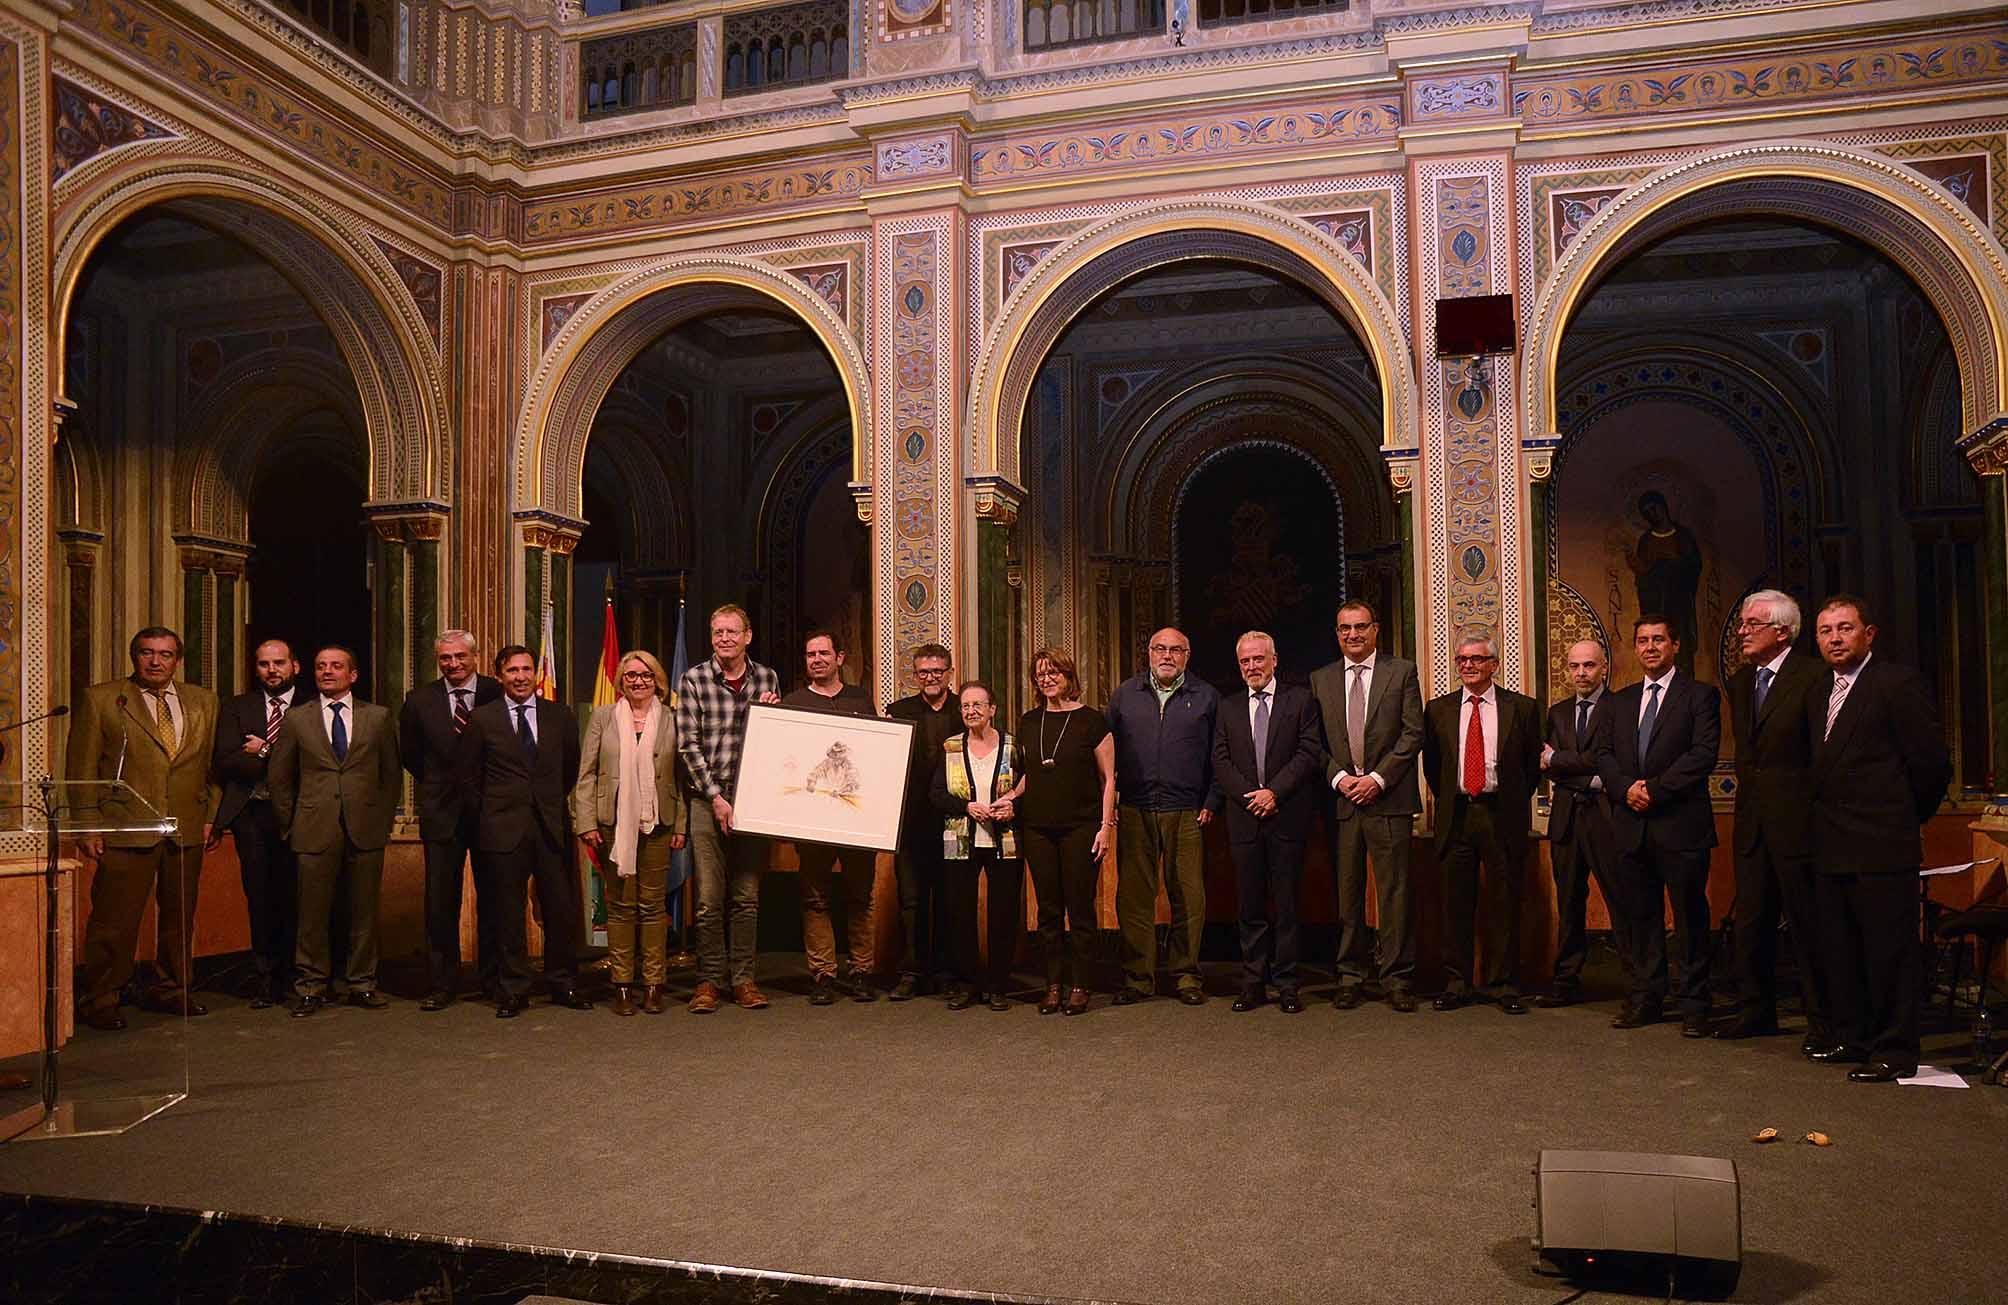 La Beneficencia de Valencia acogió el acto de entrega de los Reconocimientos de la D.O. Arroz de Valencia